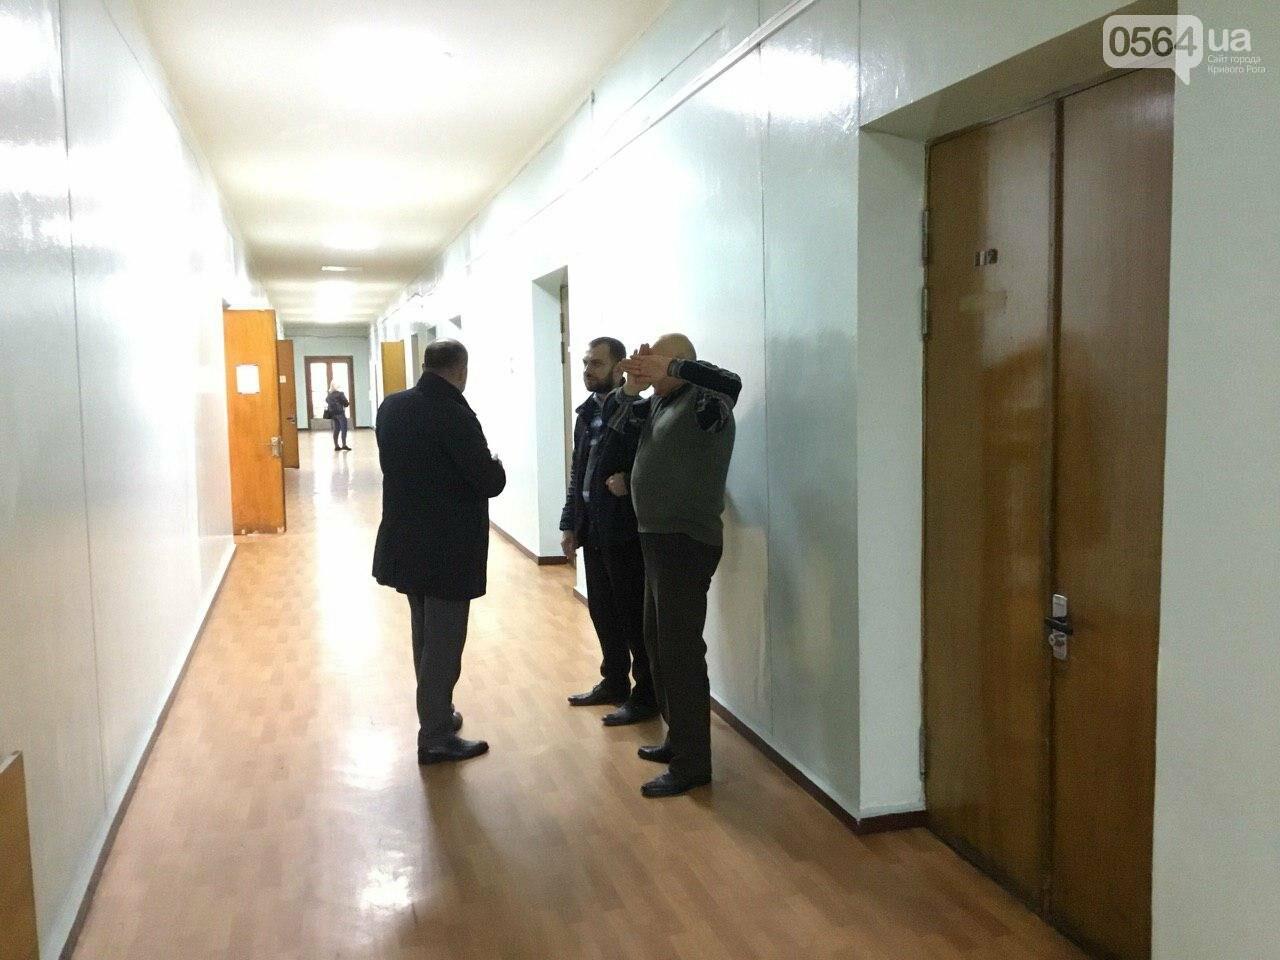 Стало известно, кто зайдет в Криворожский горсовет вместо депутата Михаила Карого, - ФОТО, фото-9